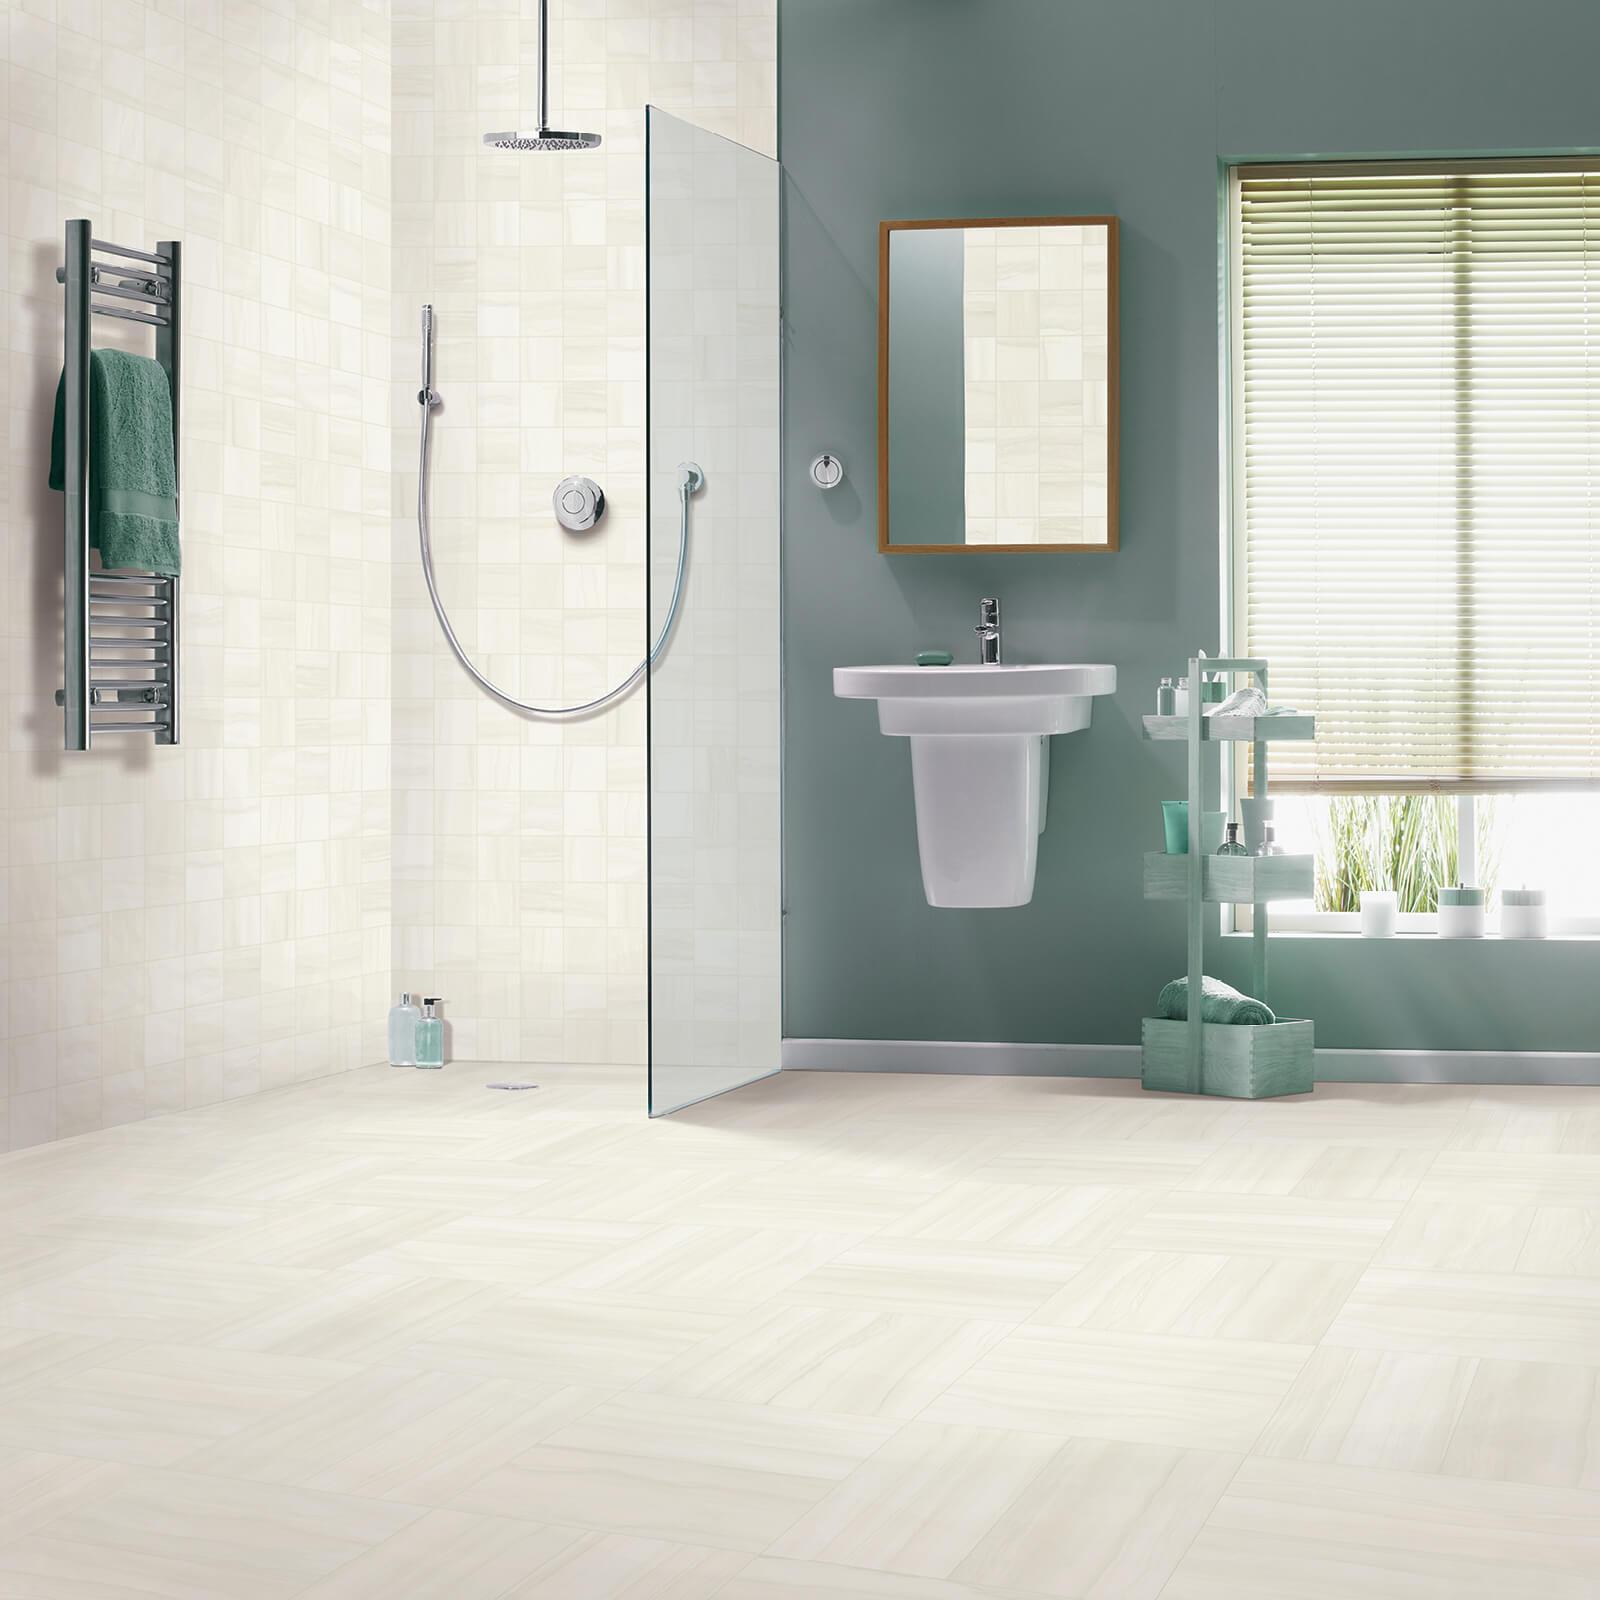 Beaubridge Shower Tile | Dolphin Carpet & Tile